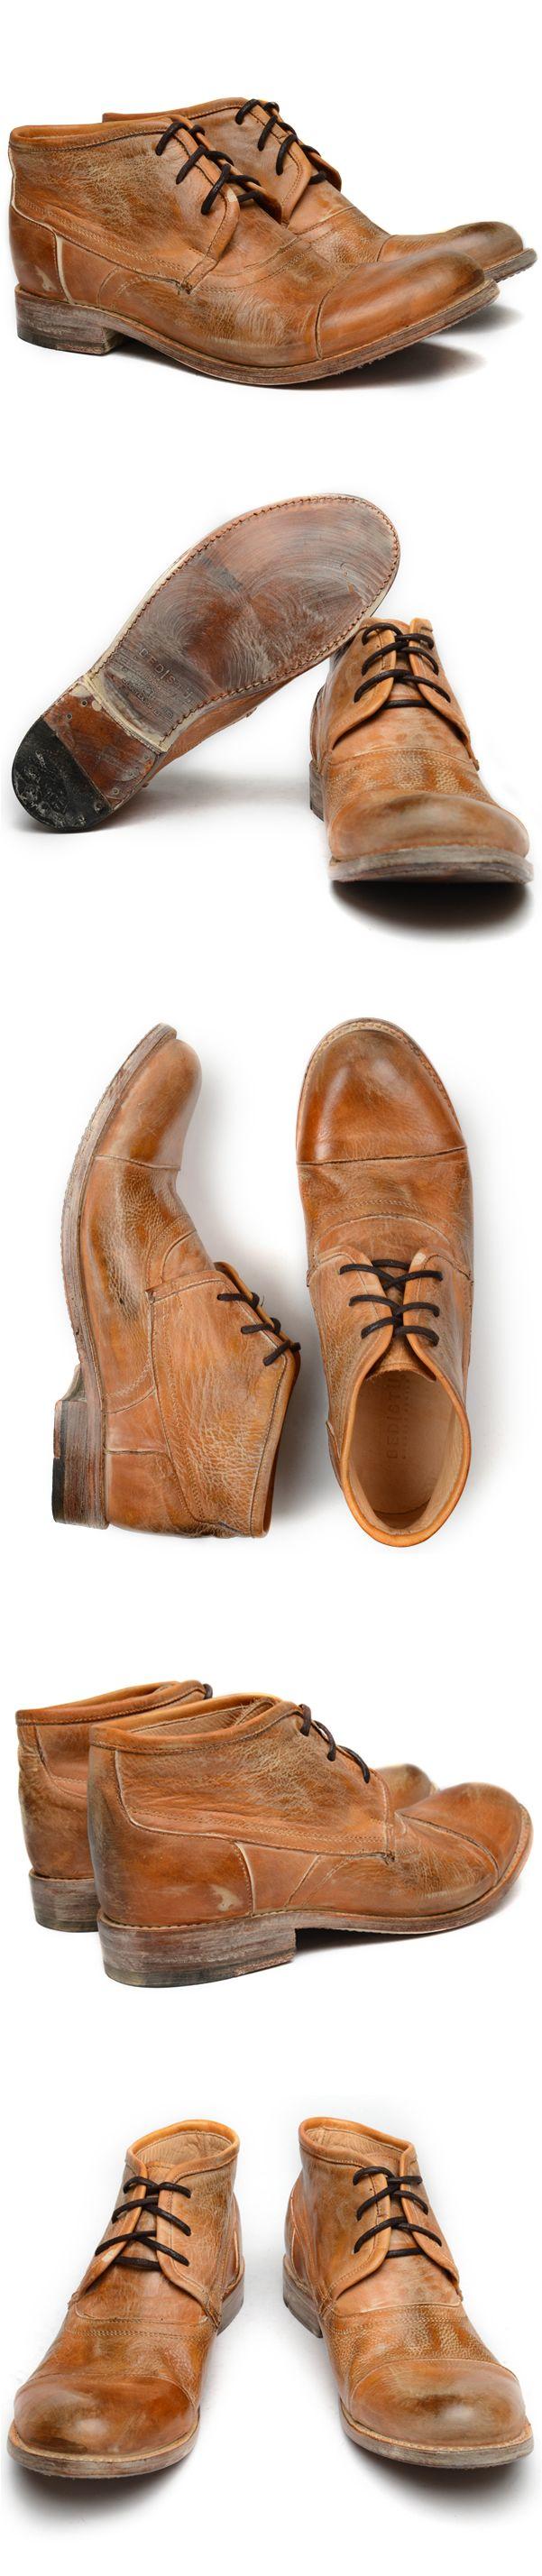 Vintage chukka boots